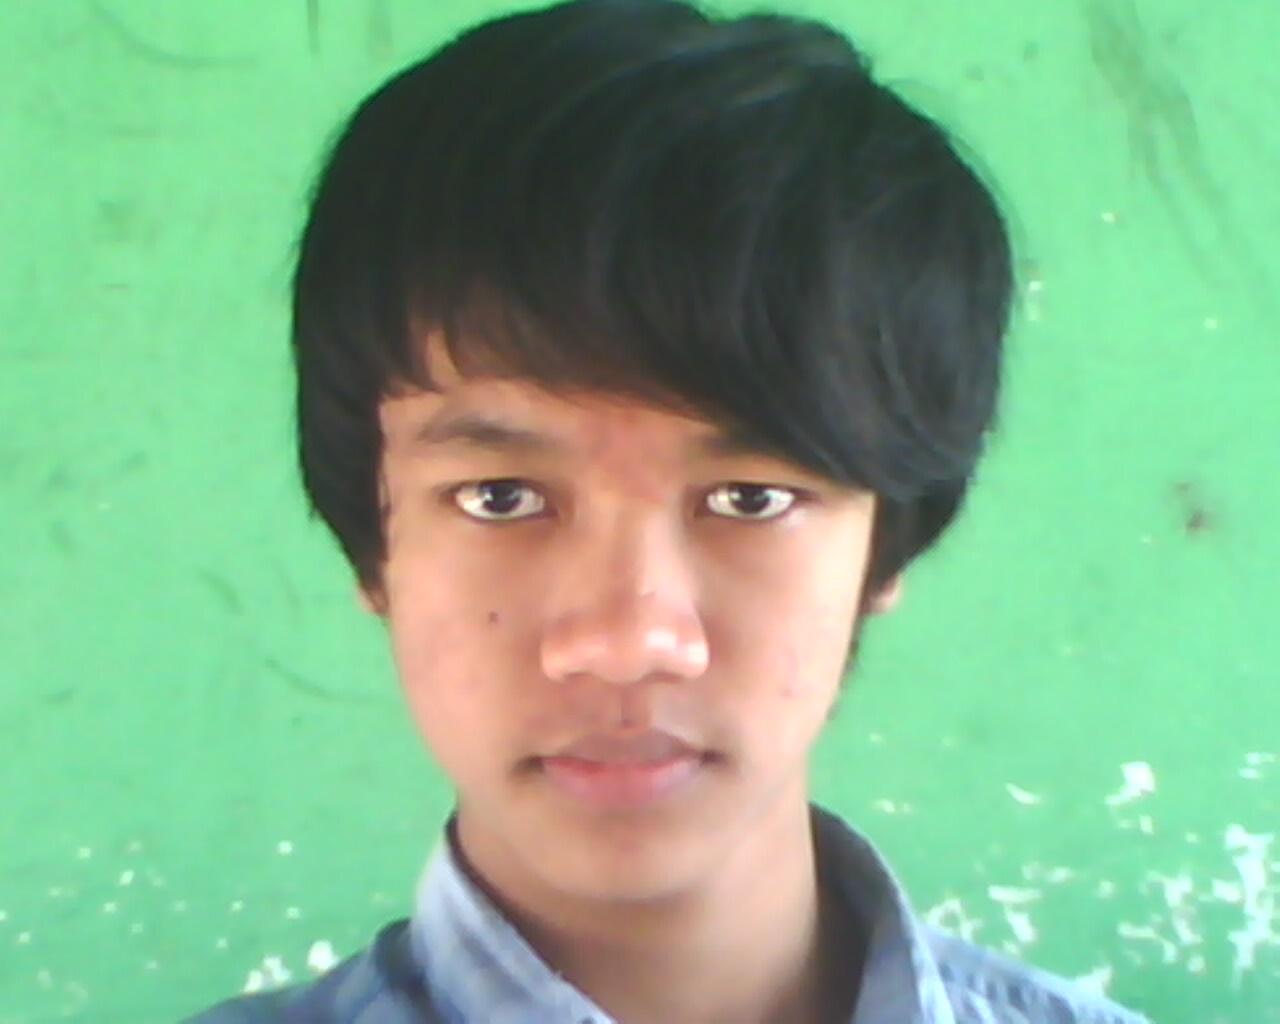 http://3.bp.blogspot.com/-3C5JYB4fJ8k/Tk0oQ34gPVI/AAAAAAAAAC8/VsHpYzZdGjU/s1600/Aku.jpg